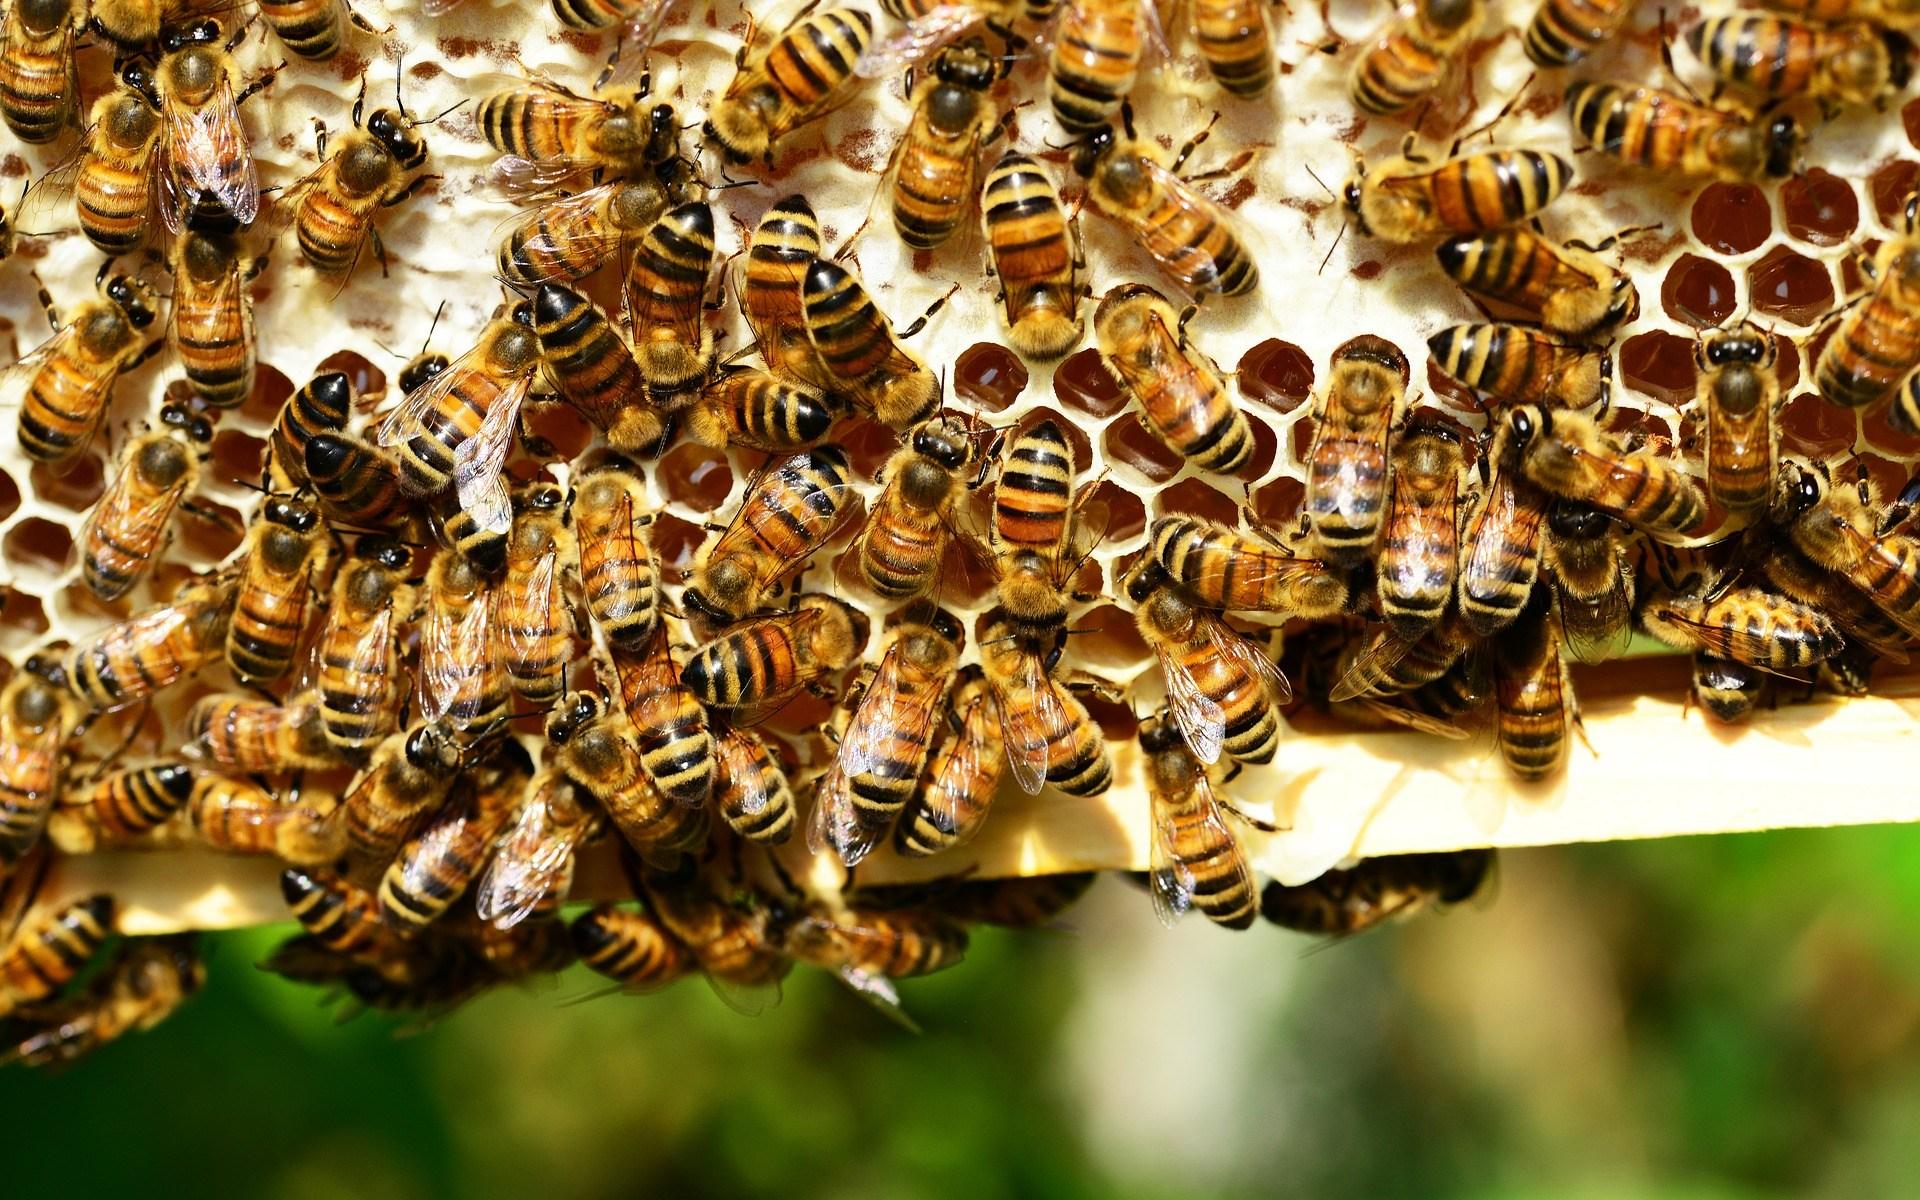 Cadre de ruche - miel et abeilles